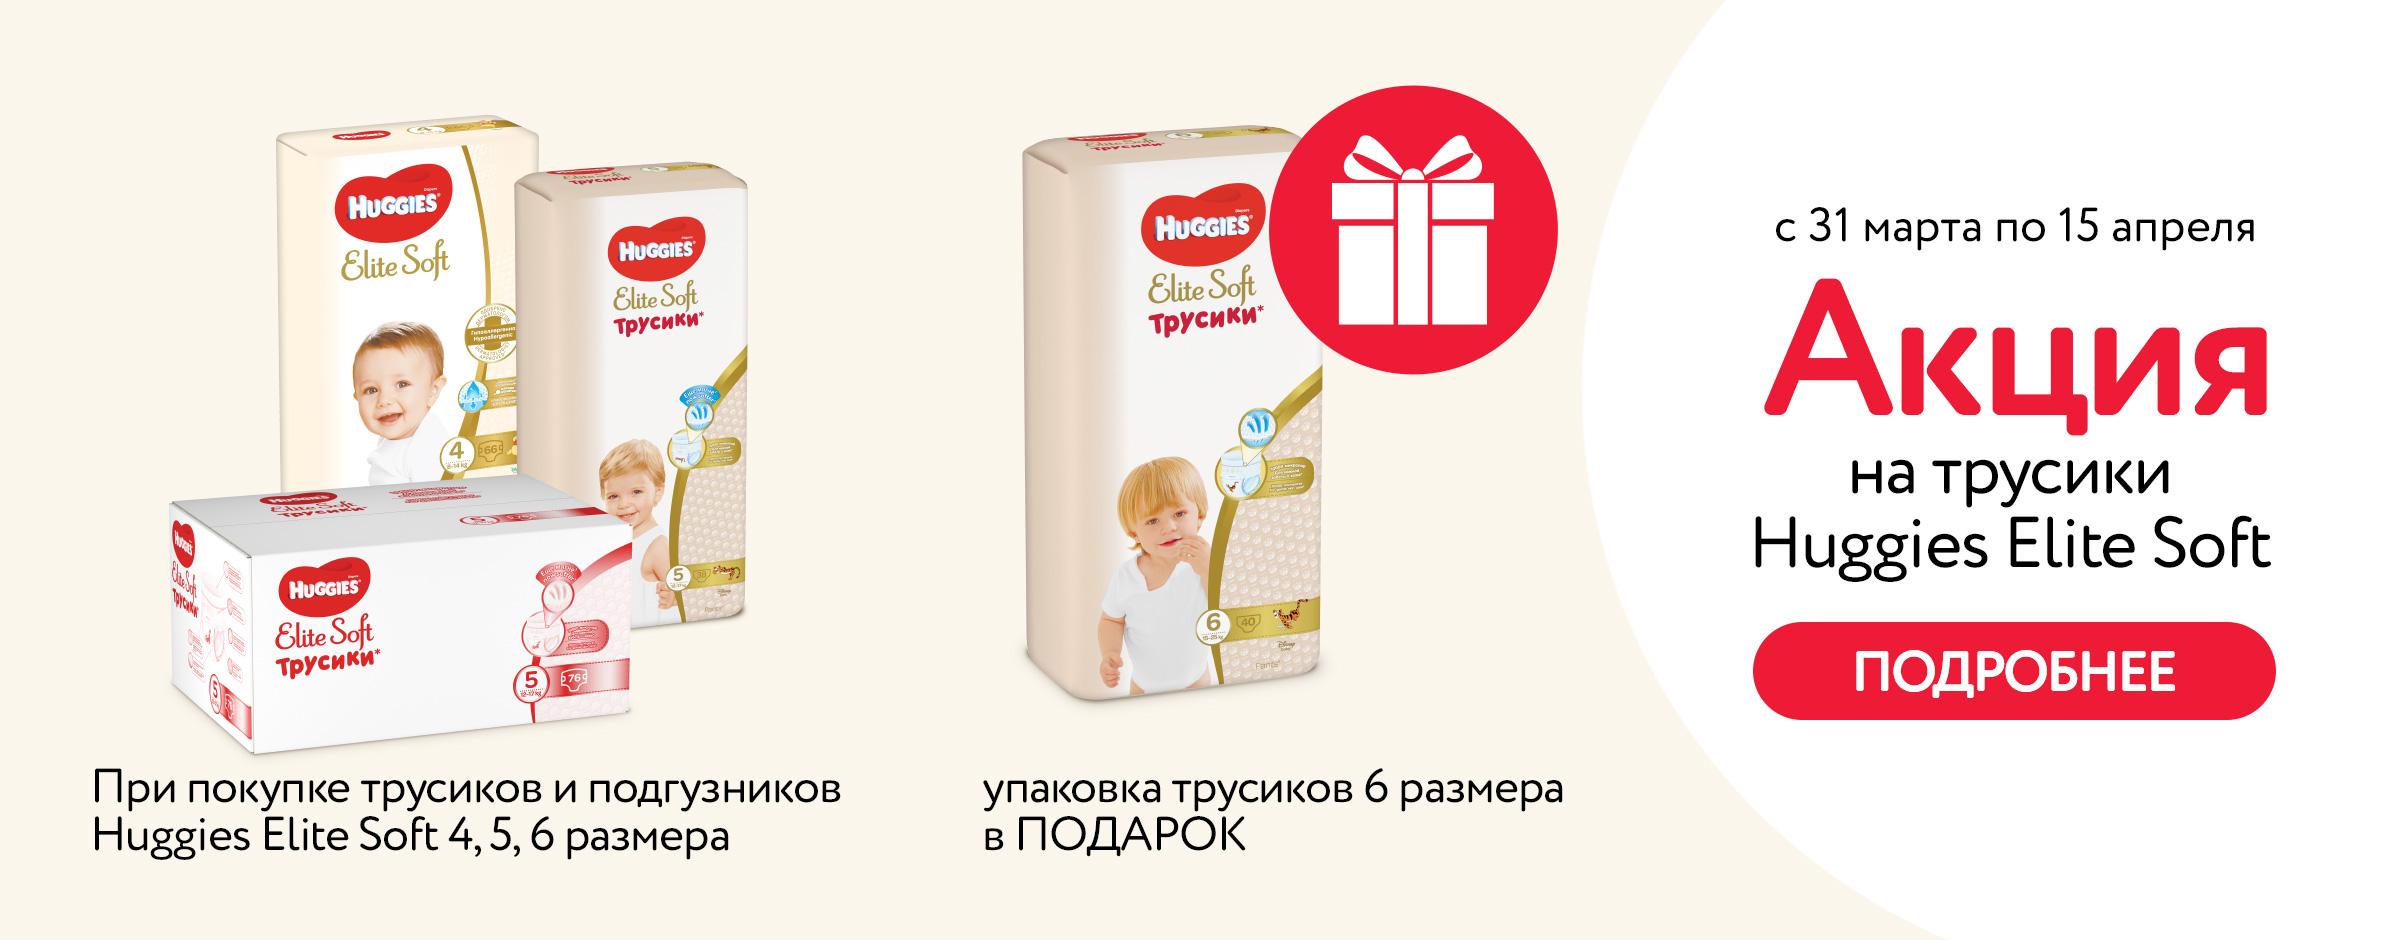 При покупке Huggies Elite Soft 4,5,6 упаковка трусиков 6 размера в подарок